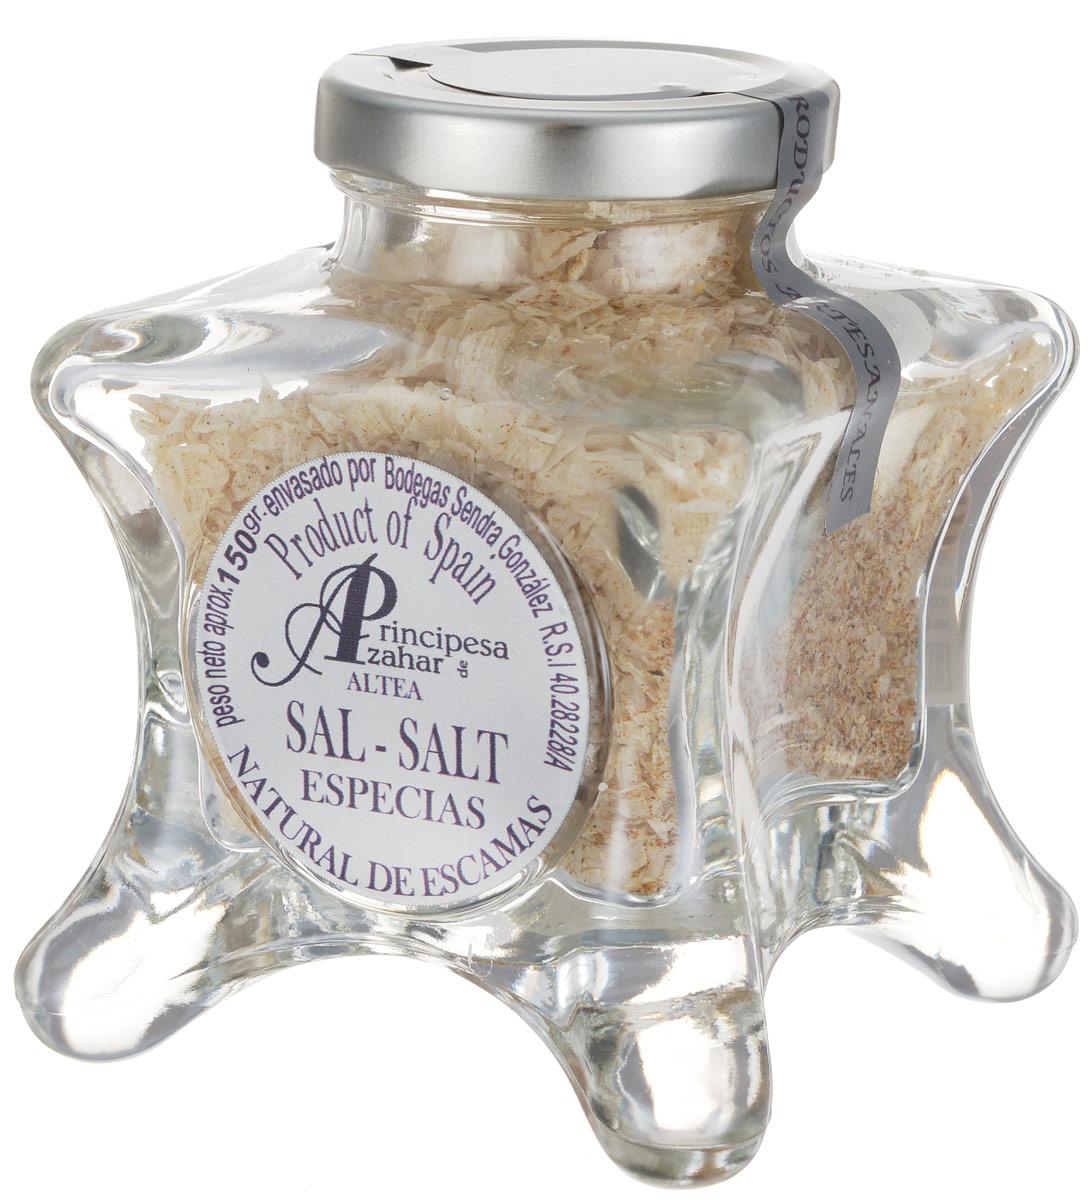 Principe de Azahar морская пищевая соль с пряными травами, 150 г8436531342906Пищевая натуральная морская соль с пряными травами Principe de Azahar от фермера Sendra Gonzalez - это продукт для гурманов, а также любителей кулинарии с воображением. Морская соль полезнее обычной поваренной, так как содержит высокую концентрацию магния и других полезных веществ. Размер кристаллов составляет 4-12 мм.